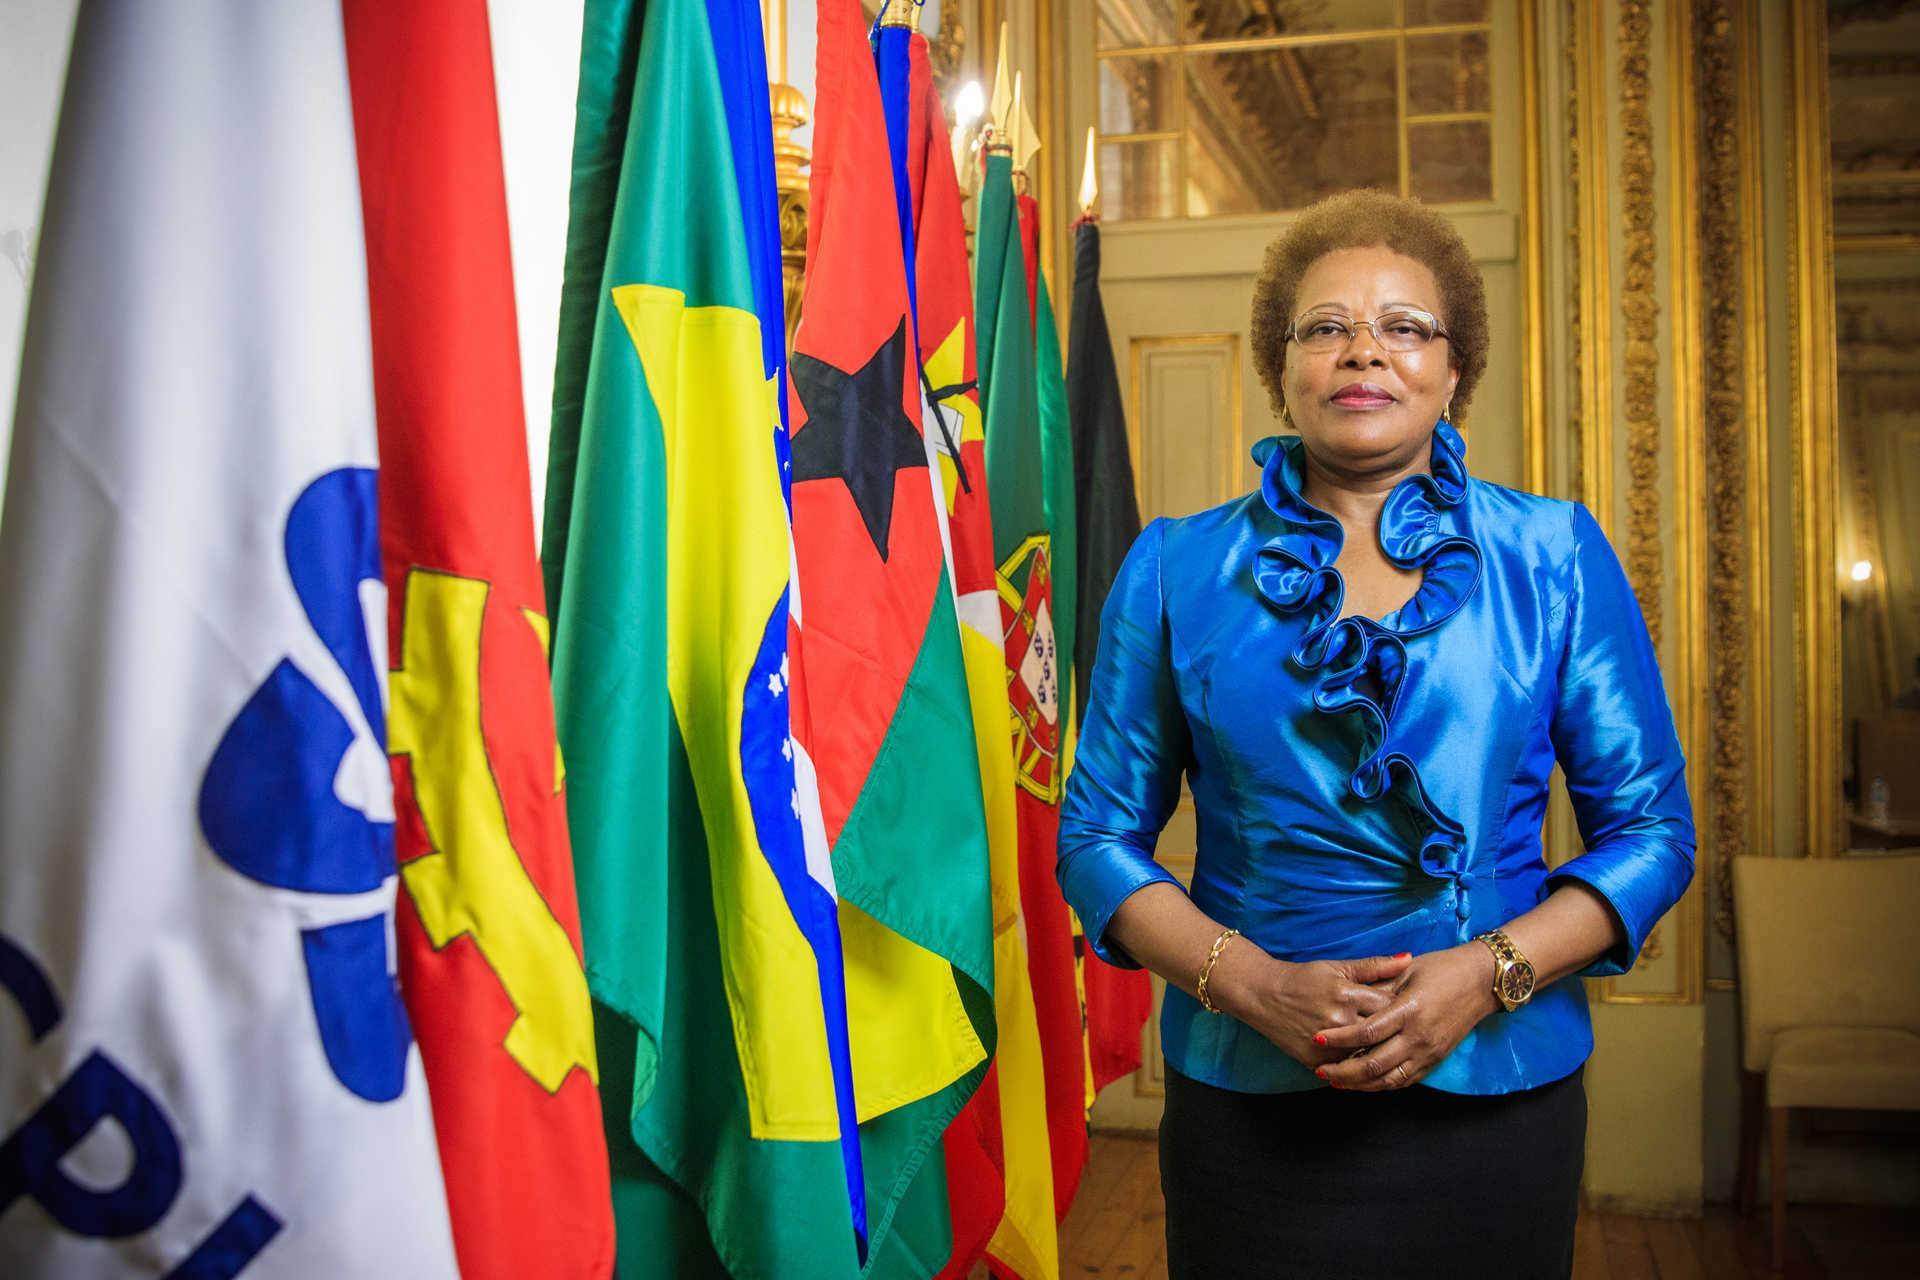 Lisboa, 11/7/2018 - Maria do Carmo Silveira posa na sede da Comunidade dos Países de Língua Portuguesa (CPLP) de que é secretária executiva. Política são-tomense, foi primeira-ministra de São Tomé e Príncipe e chega em breve ao fim do seu mandato de dois anos à frente da CPLP. (Reinaldo Rodrigues/Global Imagens)